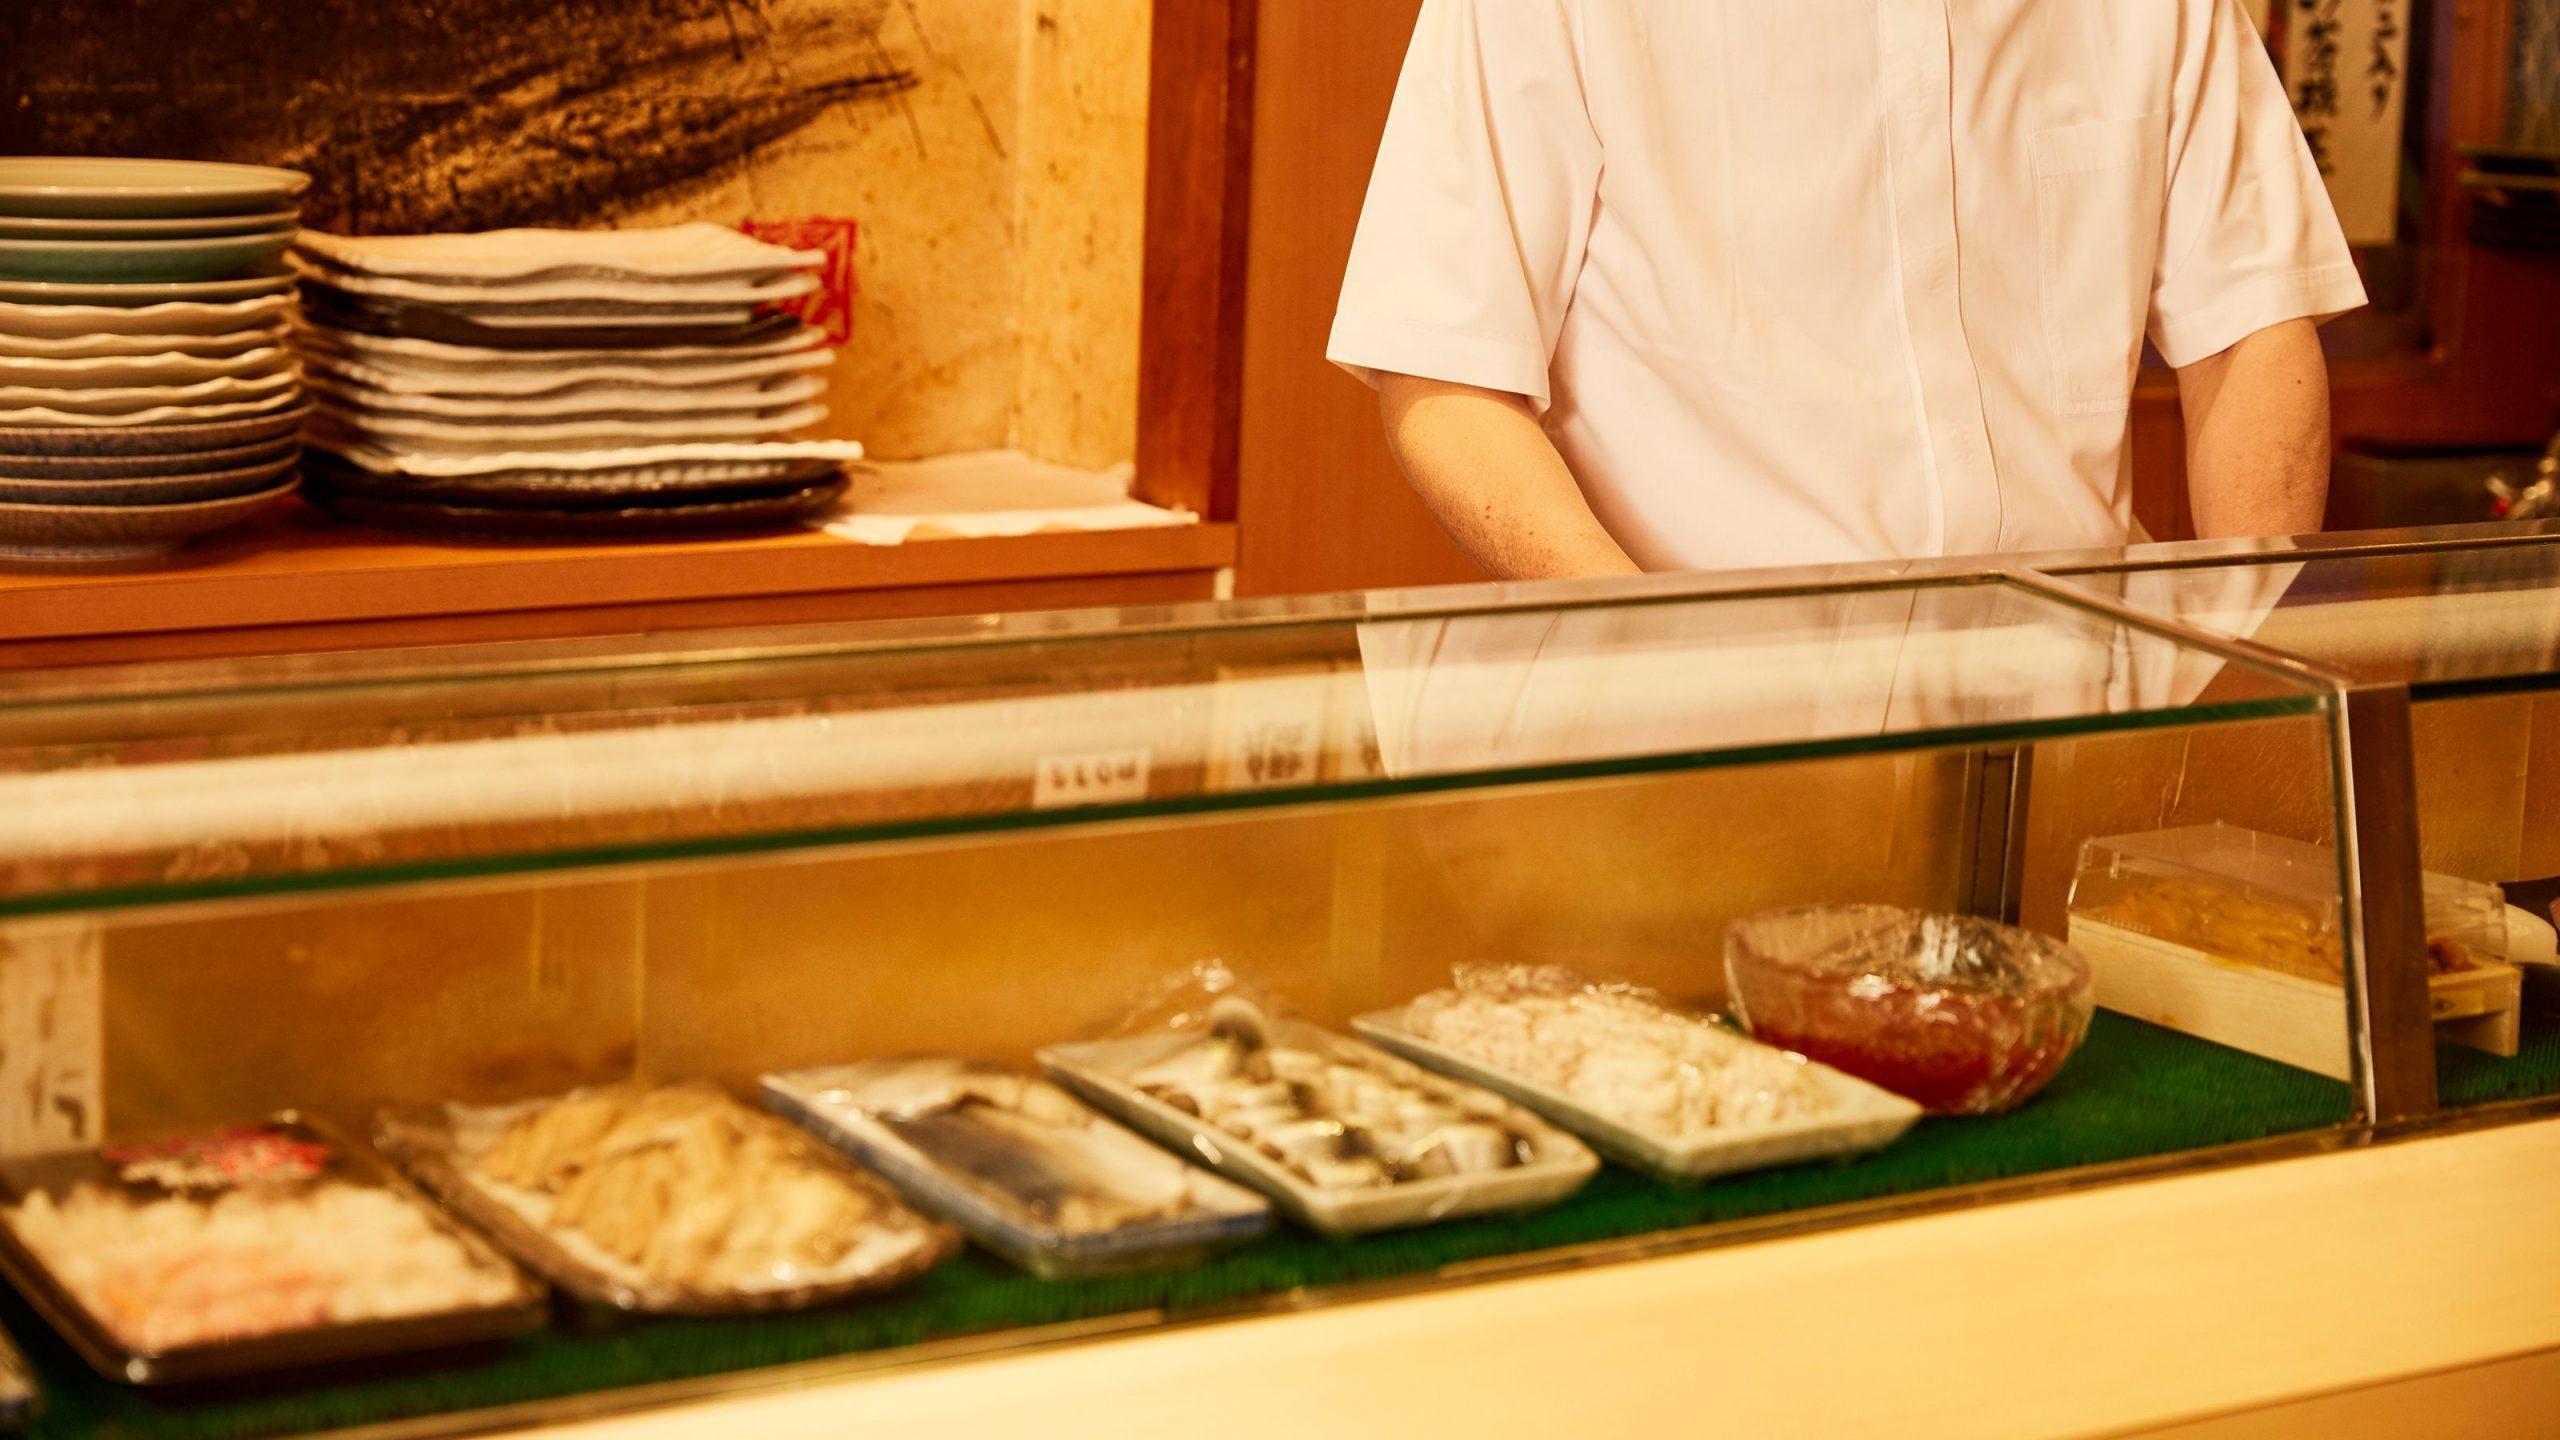 ゴミ屋敷の生活保護父子が「2人で3万円」のすし屋に通い続けたワケ